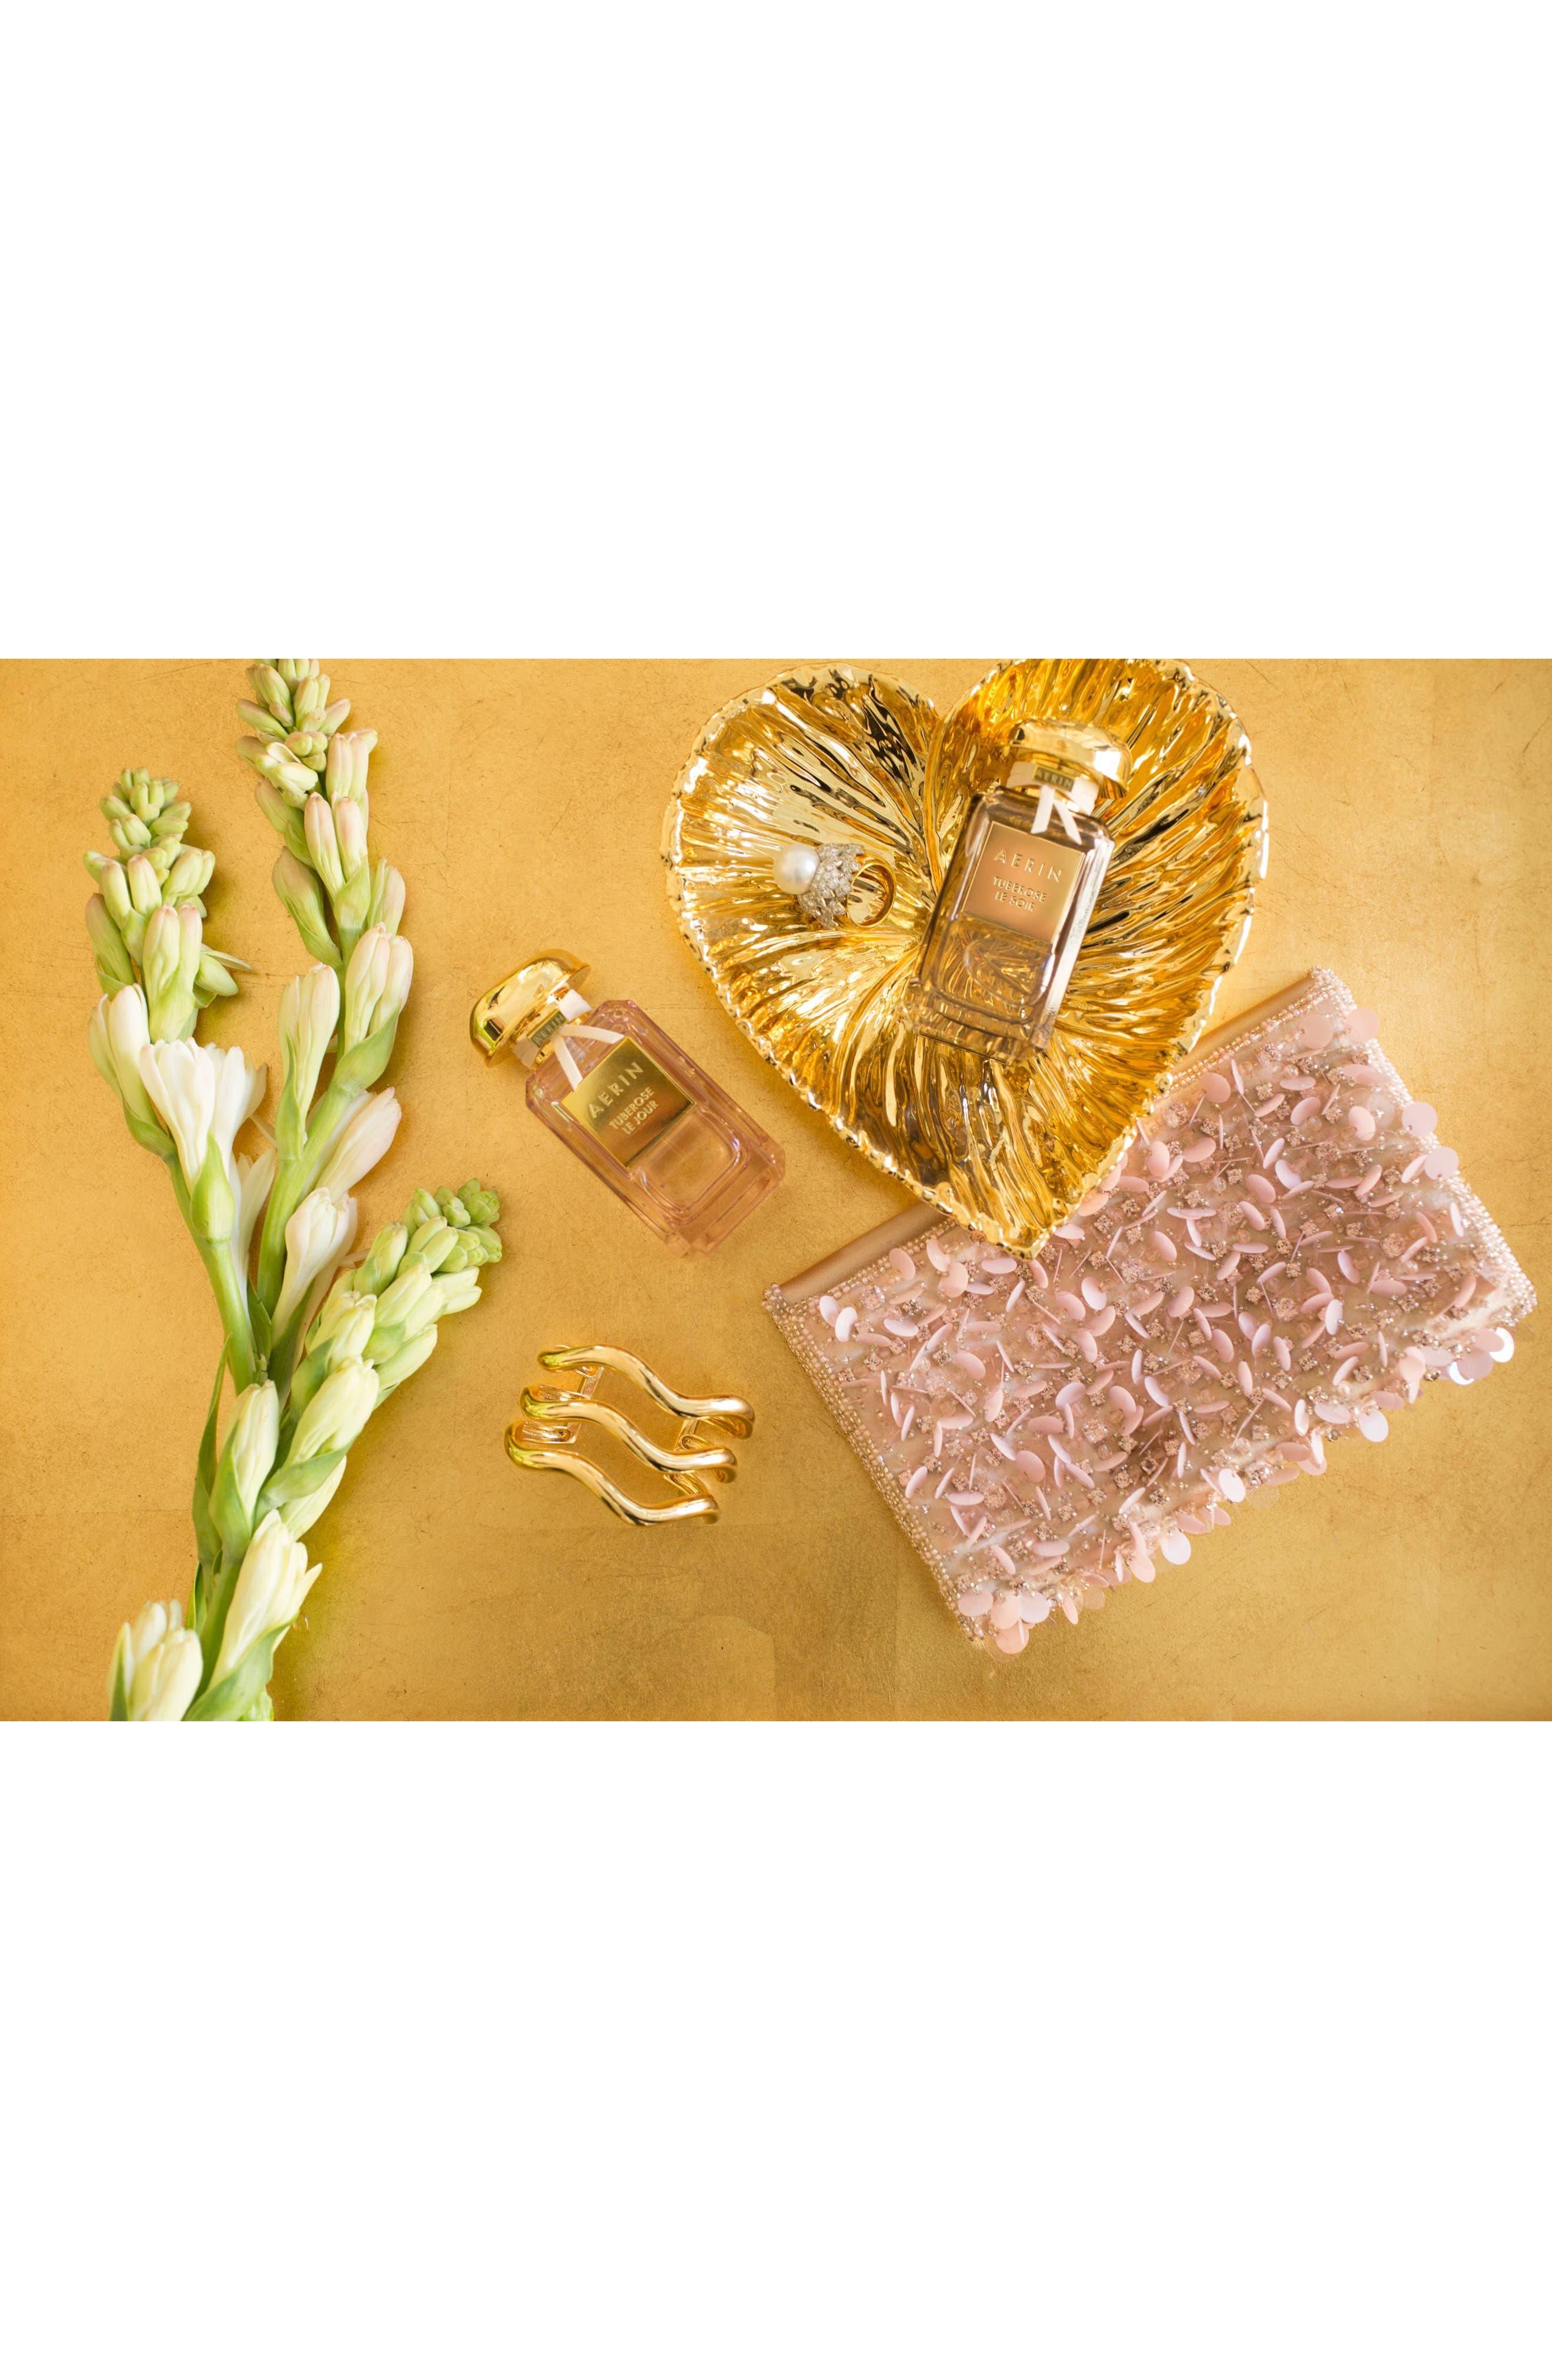 AERIN Beauty Tuberose Le Jour Parfum,                             Alternate thumbnail 6, color,                             No Color